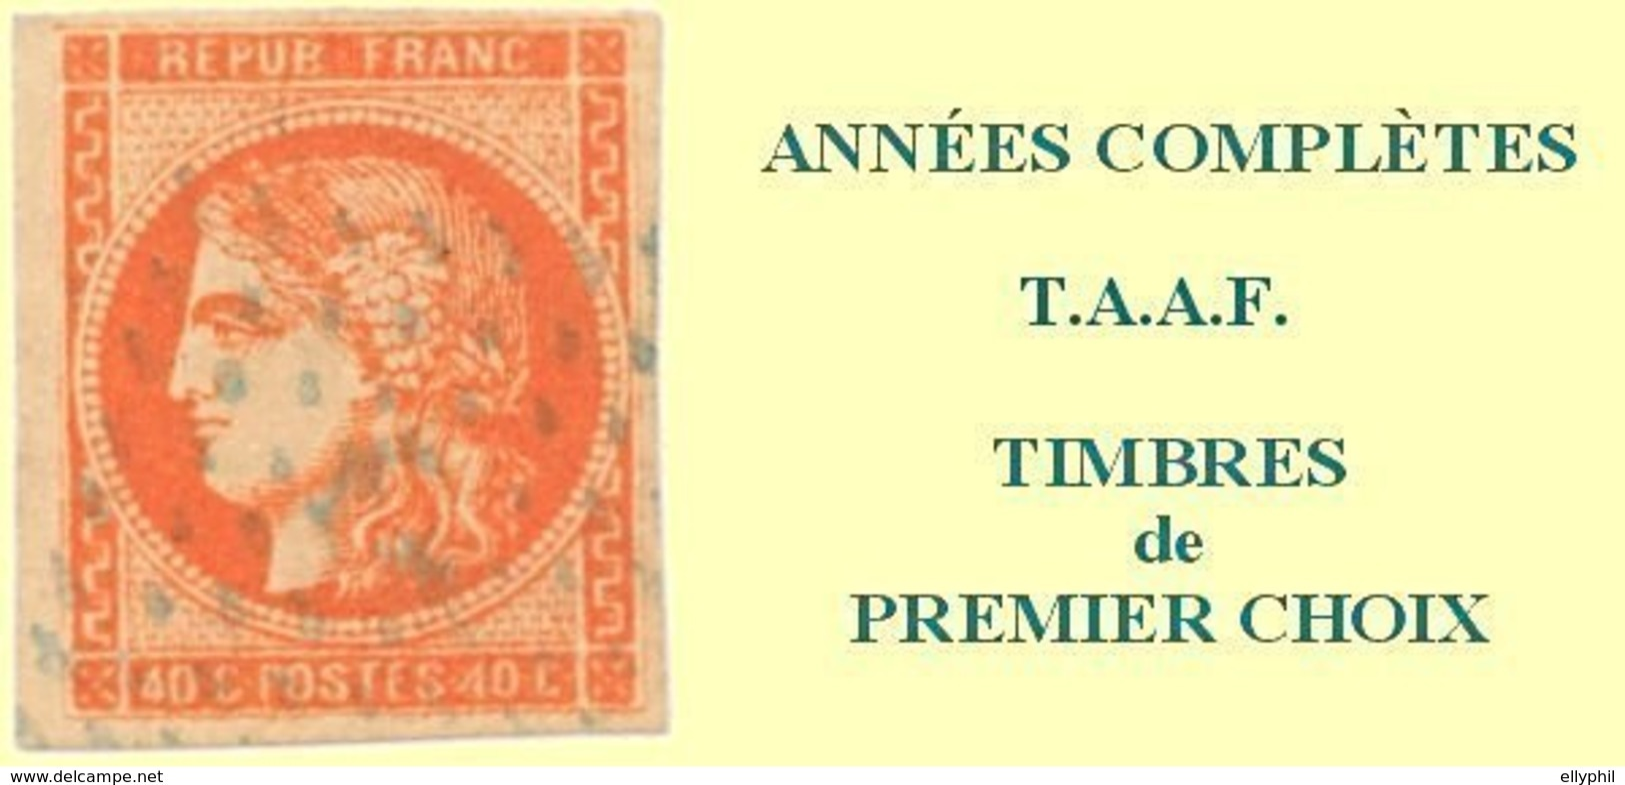 TAAF, Année Complète 1985**, Poste N°109 à N°114, P.A. N°86 à N°91A Y & T - Französische Süd- Und Antarktisgebiete (TAAF)